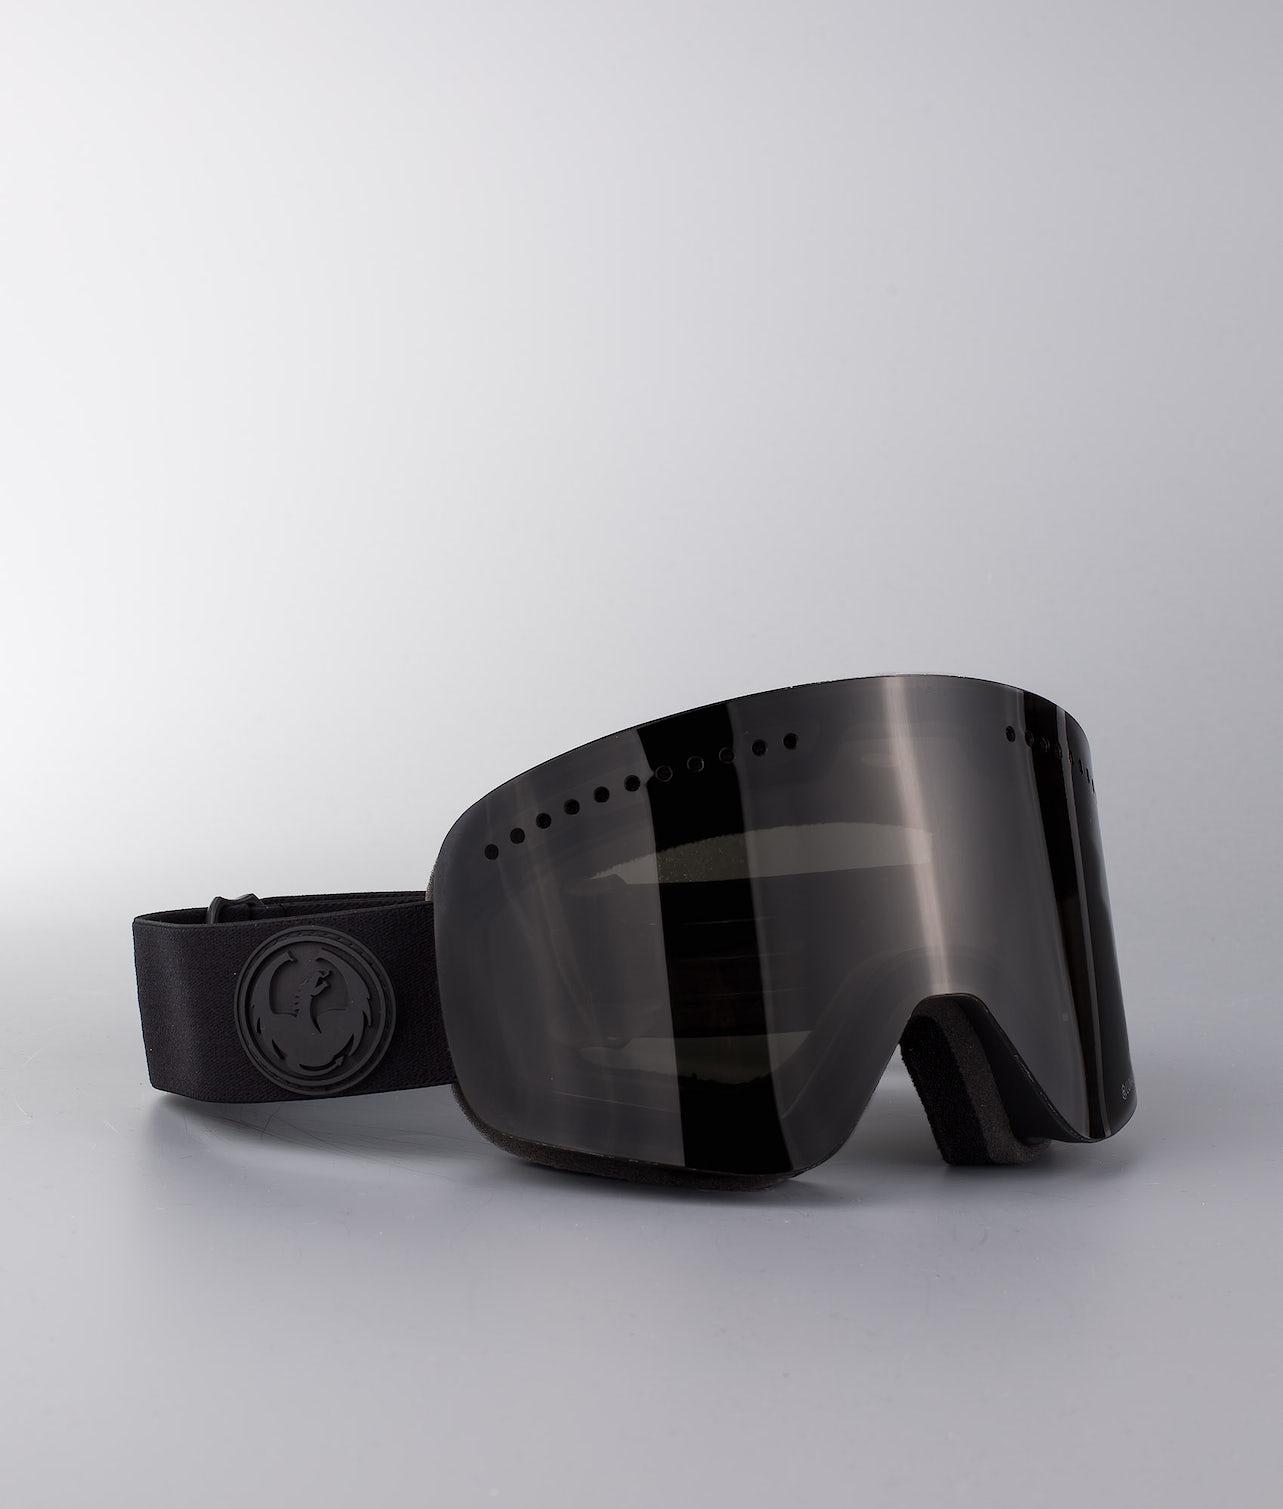 Kjøp Nfx Skibriller fra Dragon på Ridestore.no - Hos oss har du alltid fri frakt, fri retur og 30 dagers åpent kjøp!